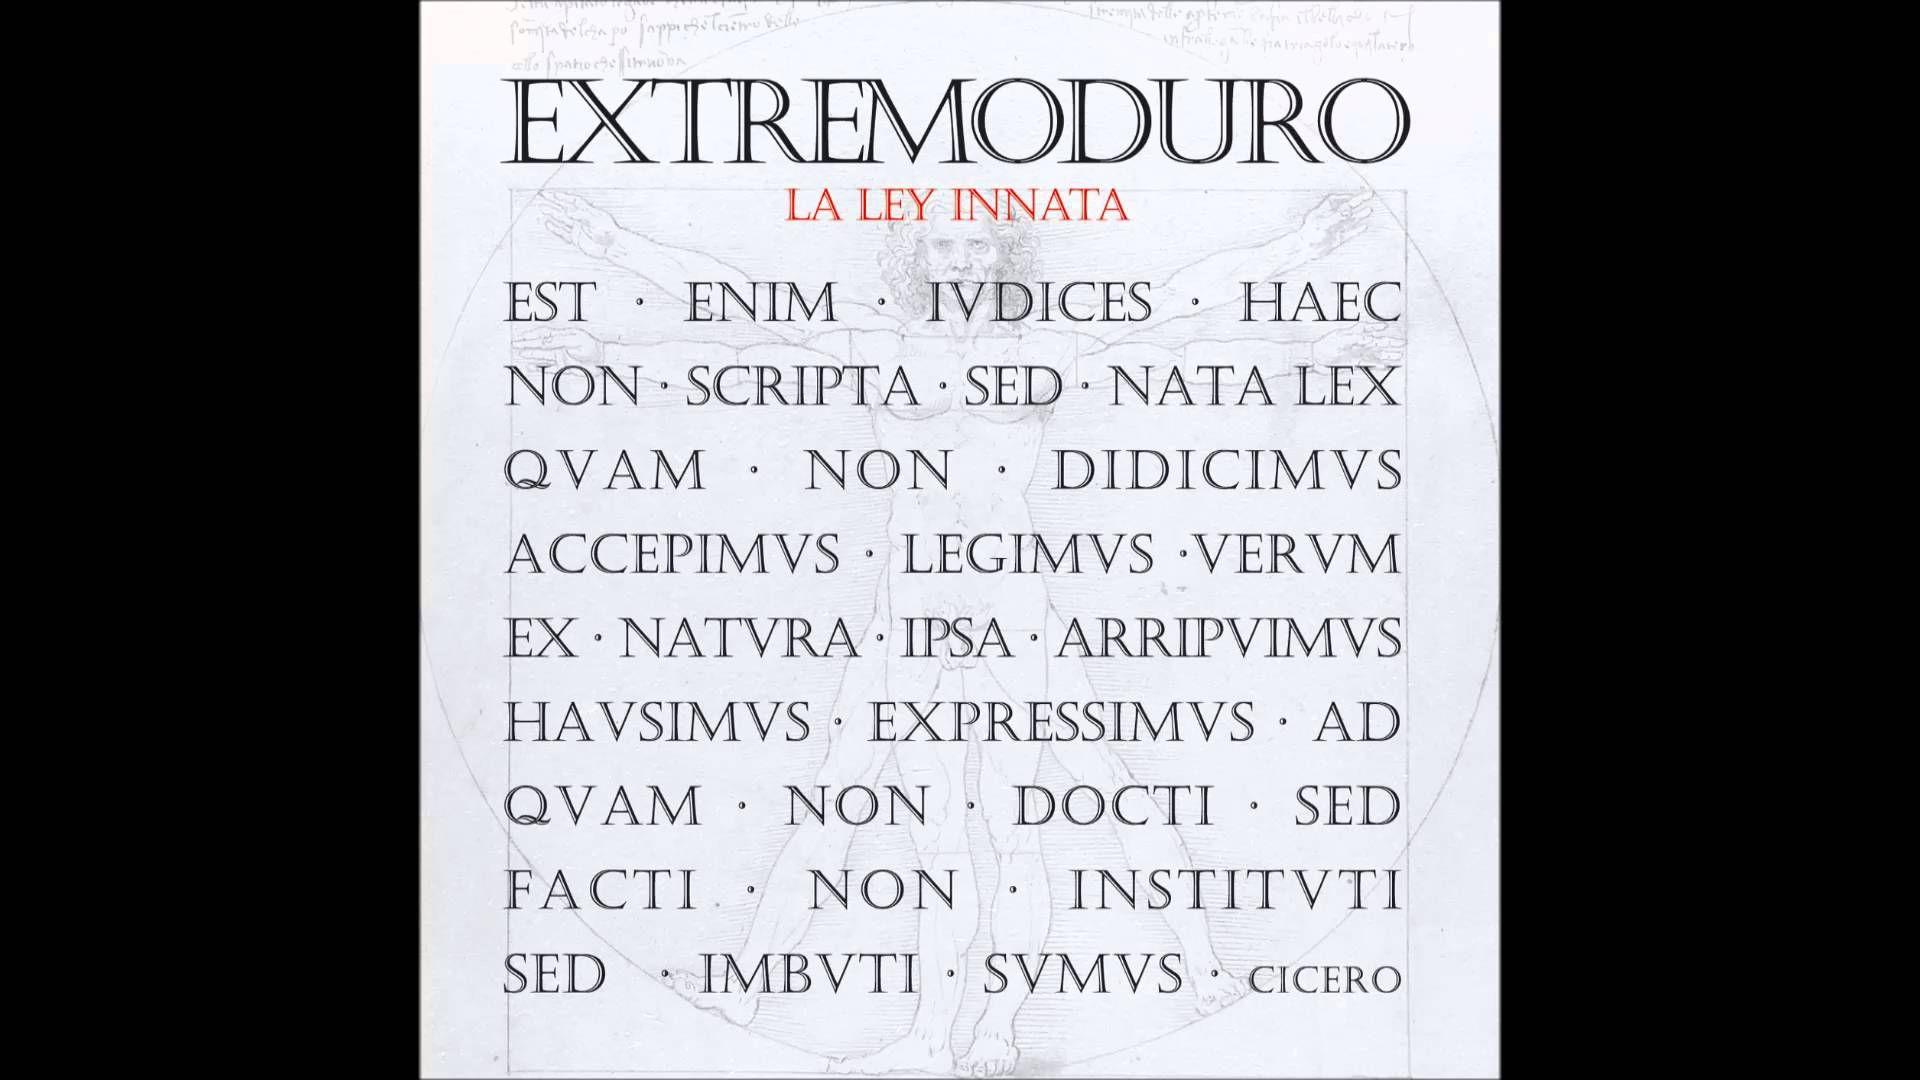 Extremoduro Tercer Movimiento Lo De Dentro Audio Oficial Audio Verdades Y Musica